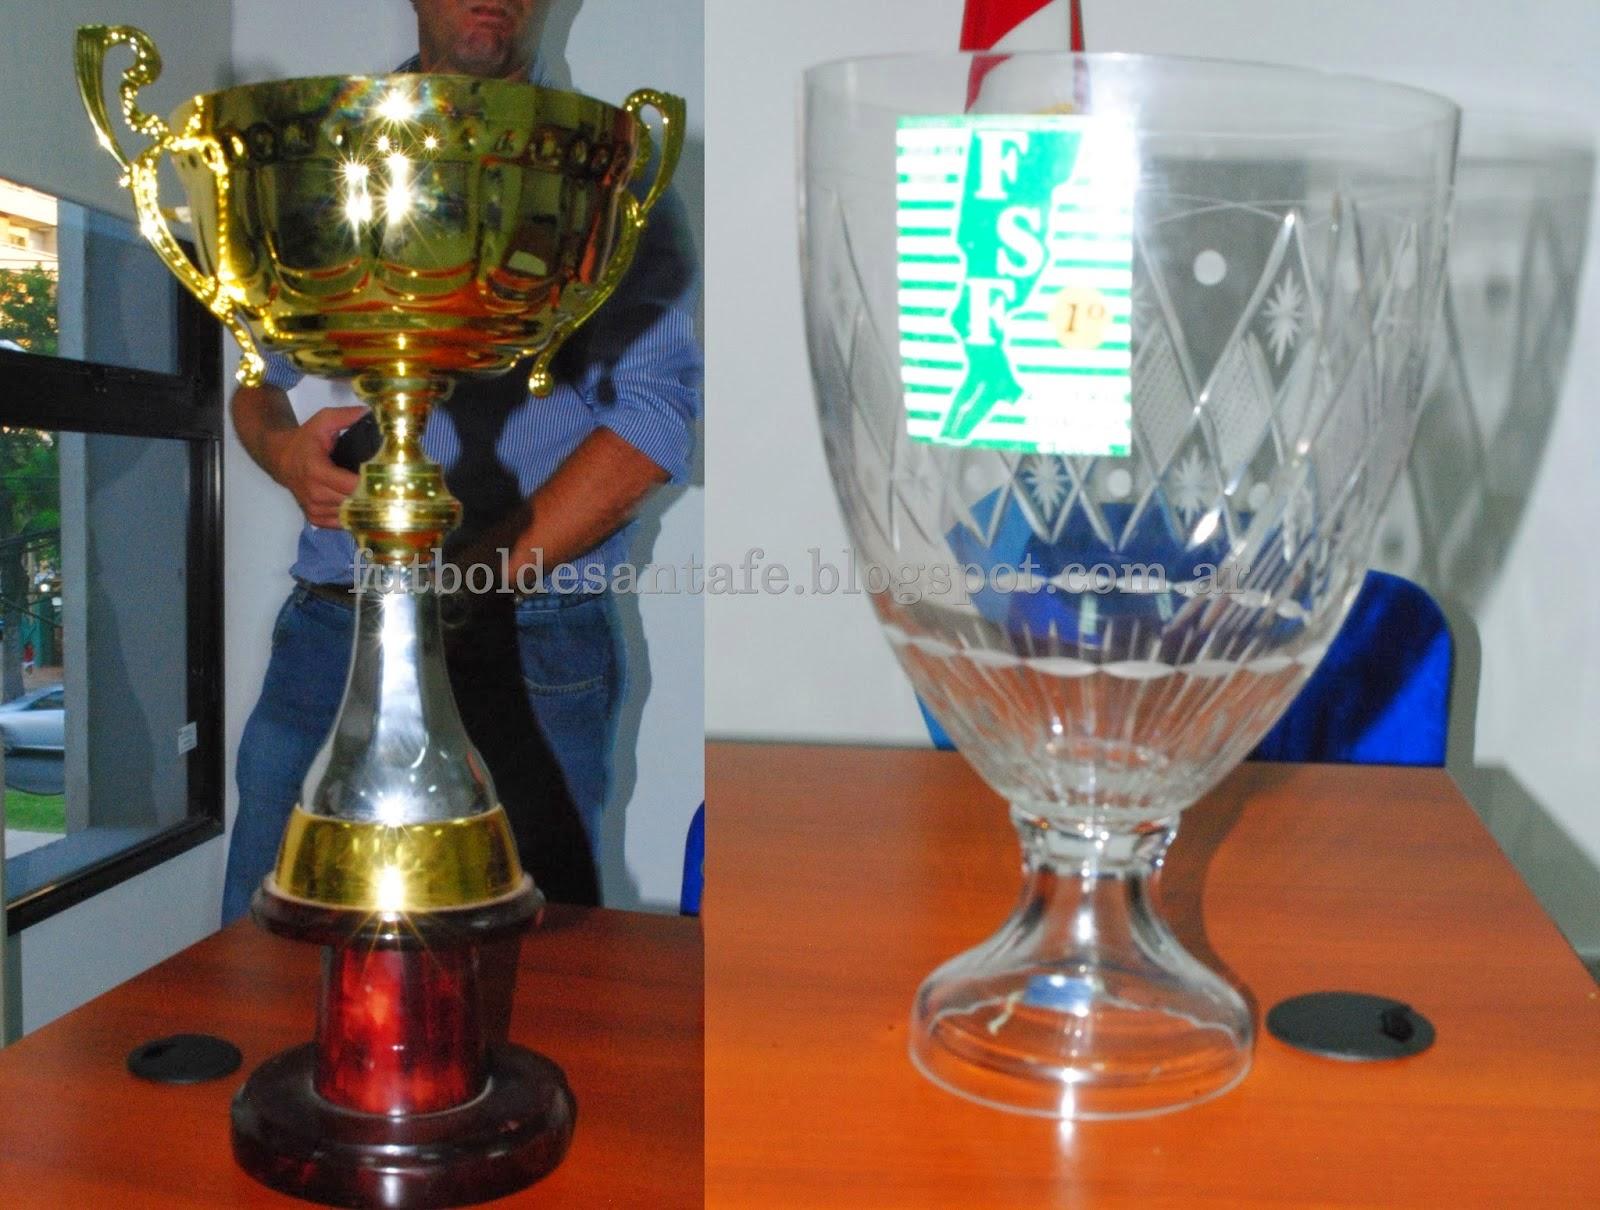 Foto de archivo de los trofeos entregados en ediciones anteriores de la Copa. Foto: Julián Andrés Monzón